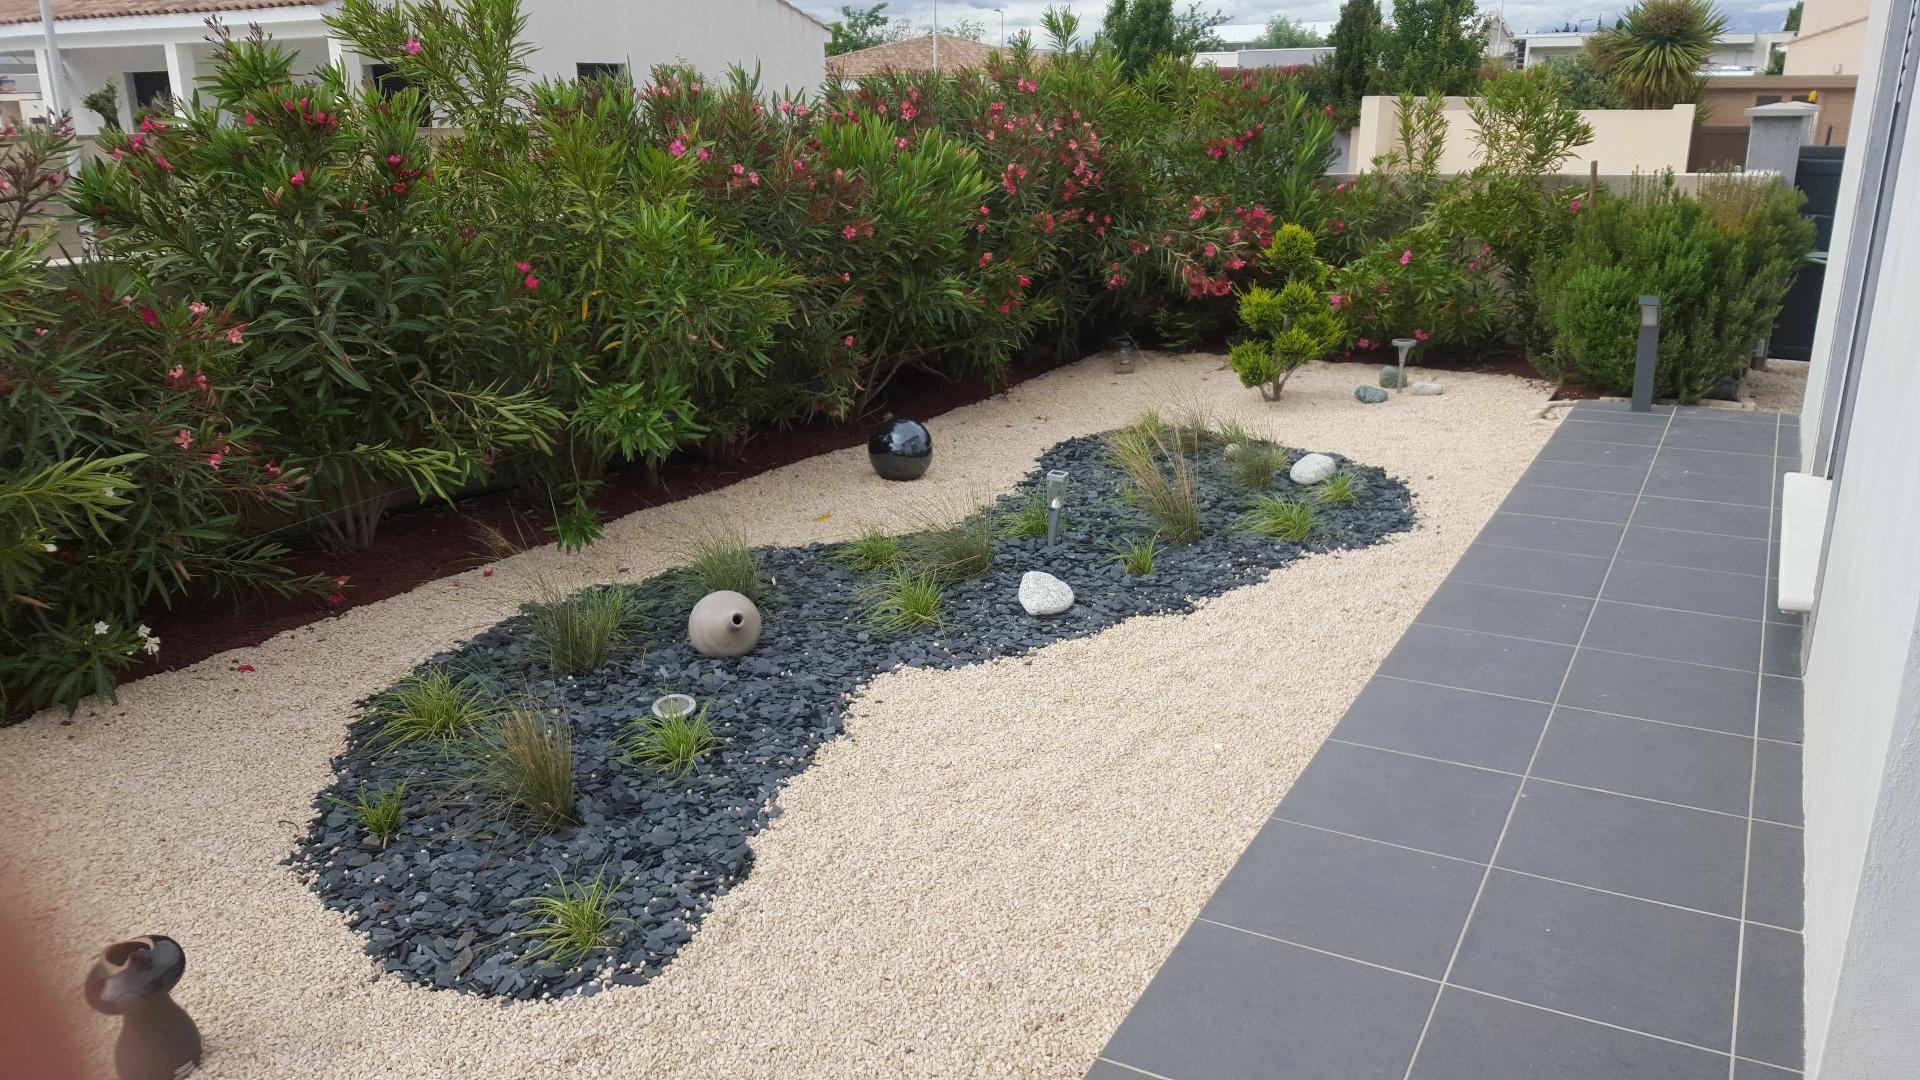 Création D'un Jardin Sec: Un Beau Jardin Avec Peu D'entretien. pour Creer Un Jardin Sec